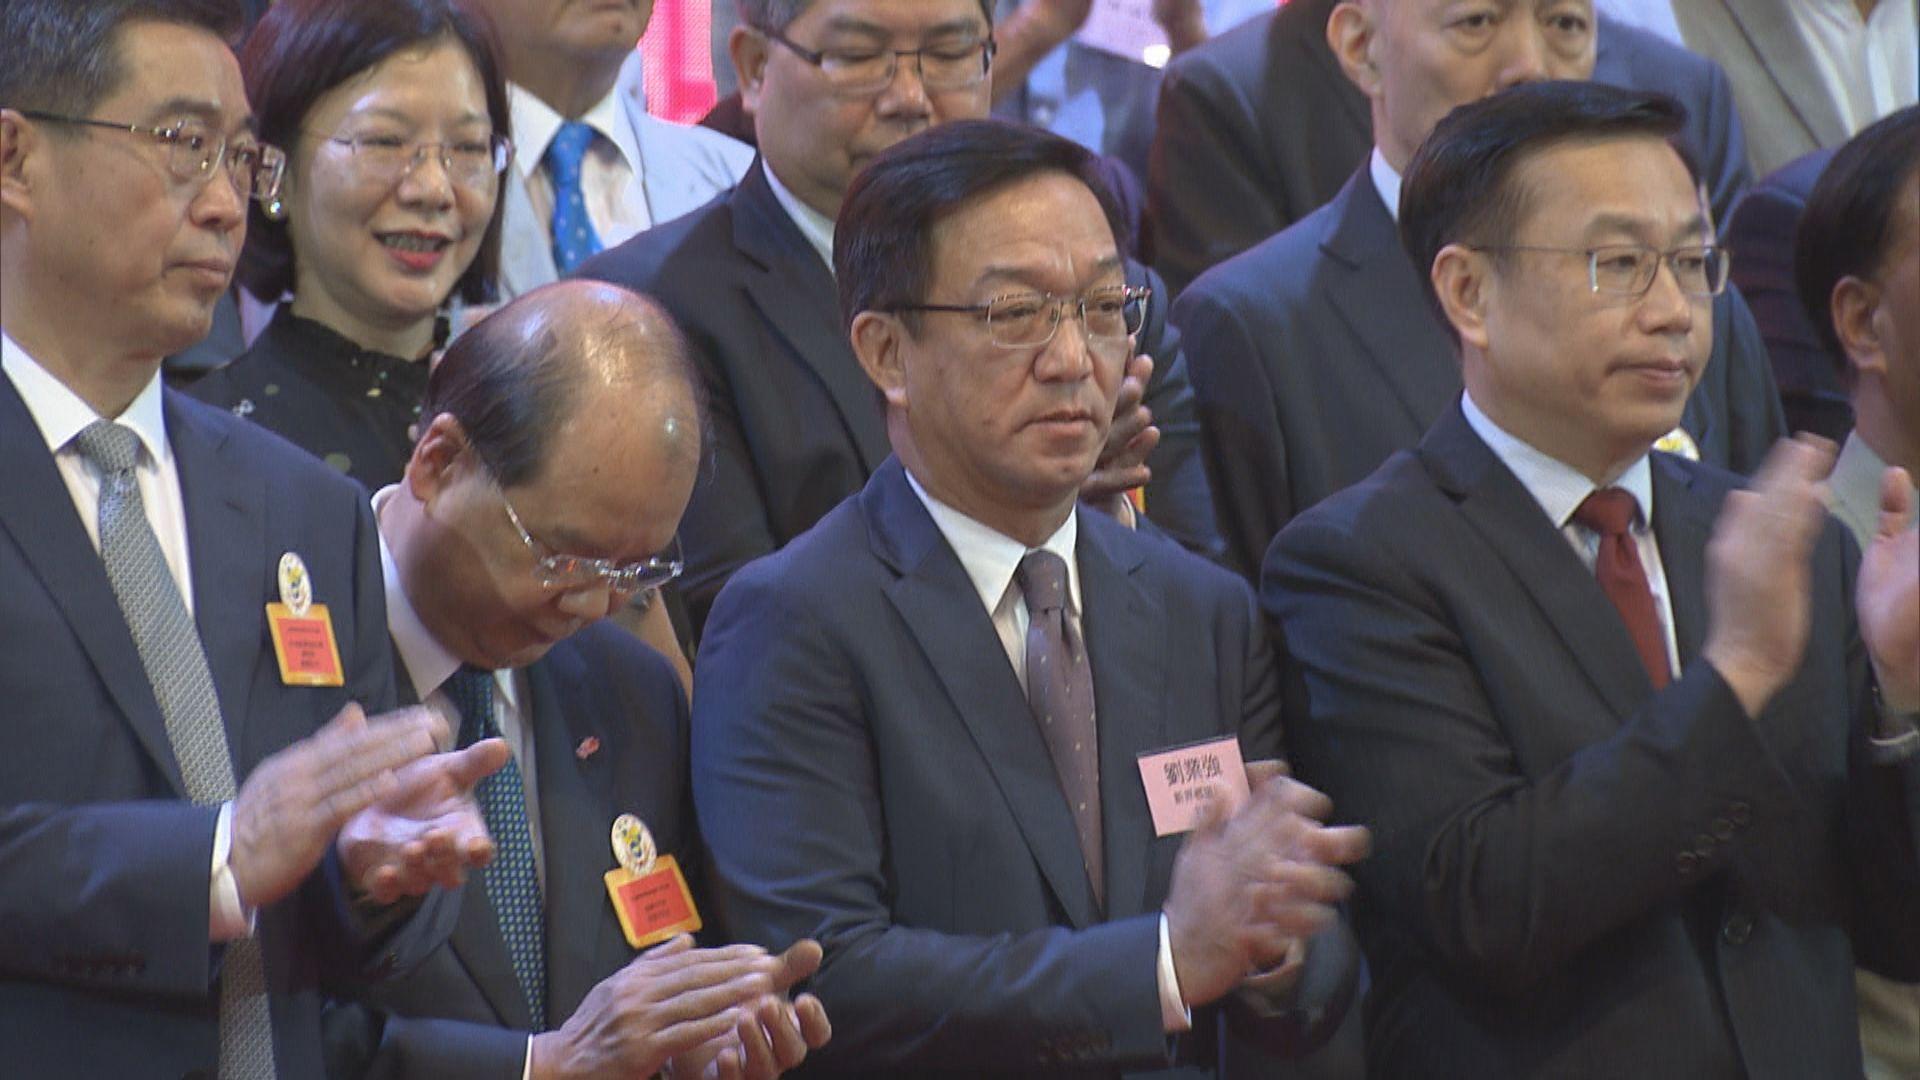 劉業強︰政府已道歉 爭議應告一段落